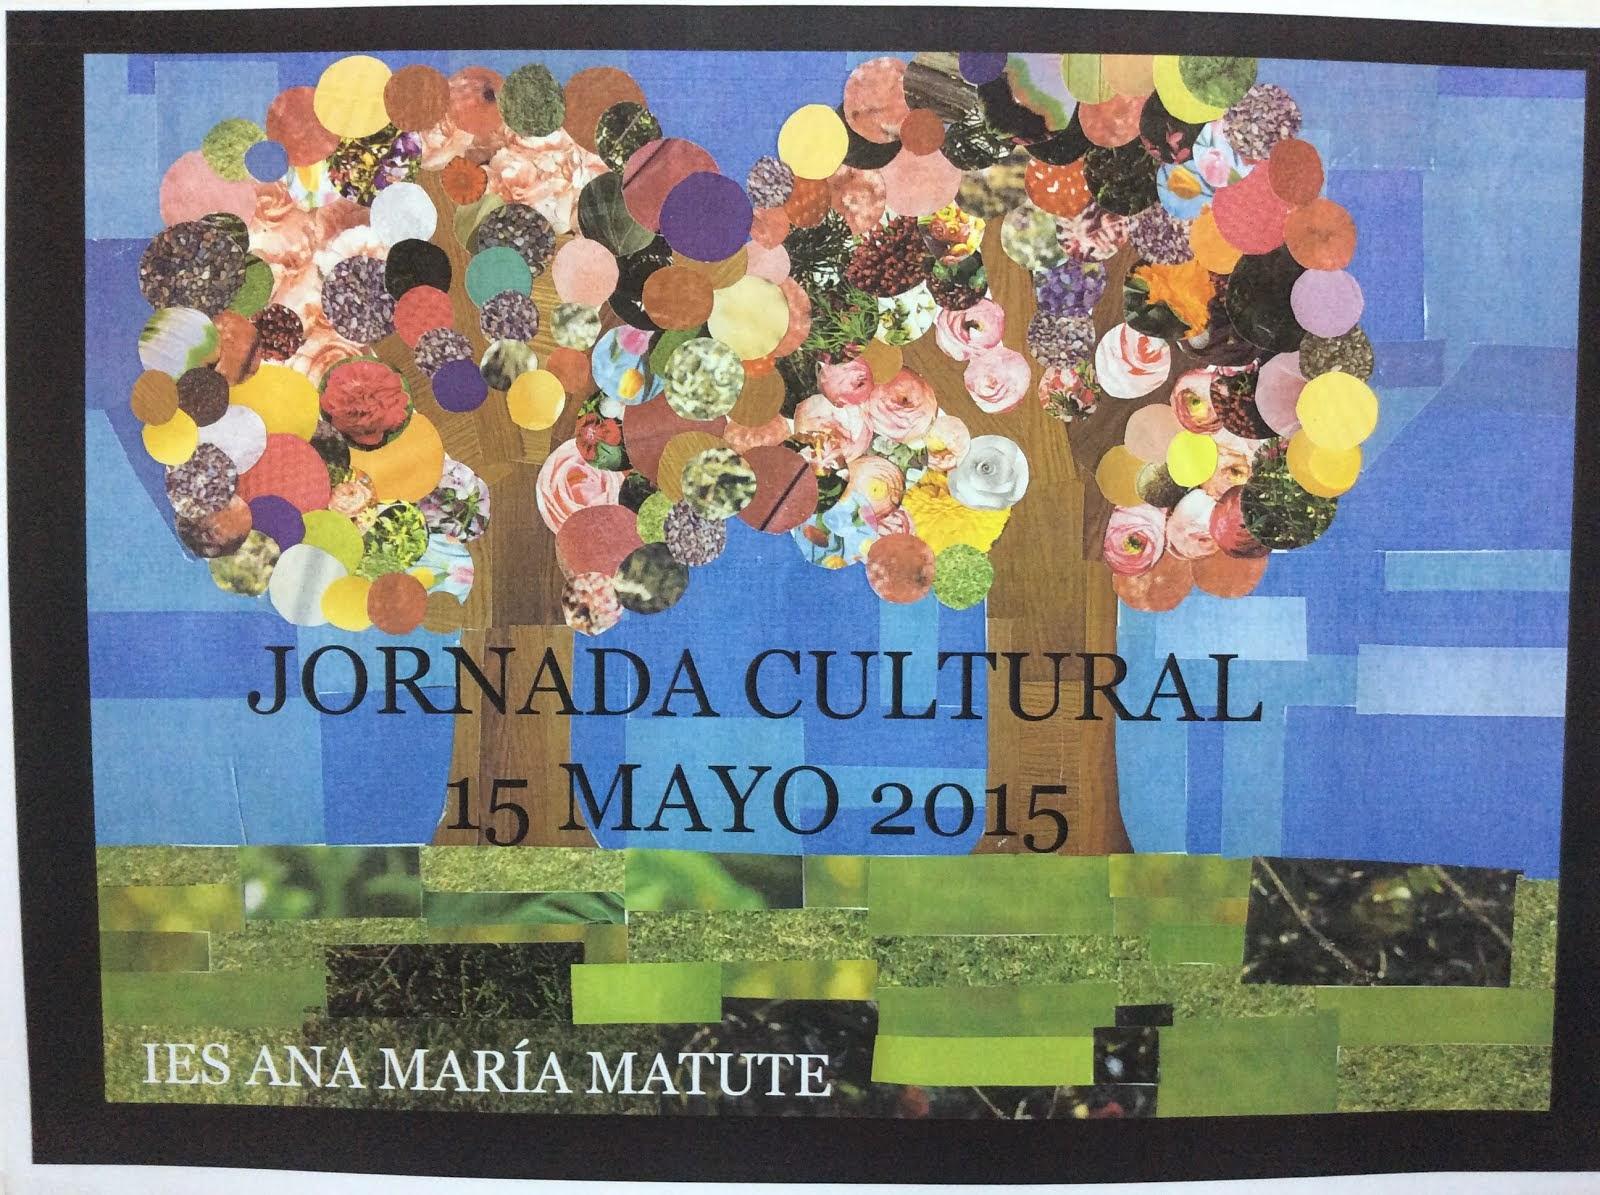 Cartel ganador de la Jornada Cultural 2015.